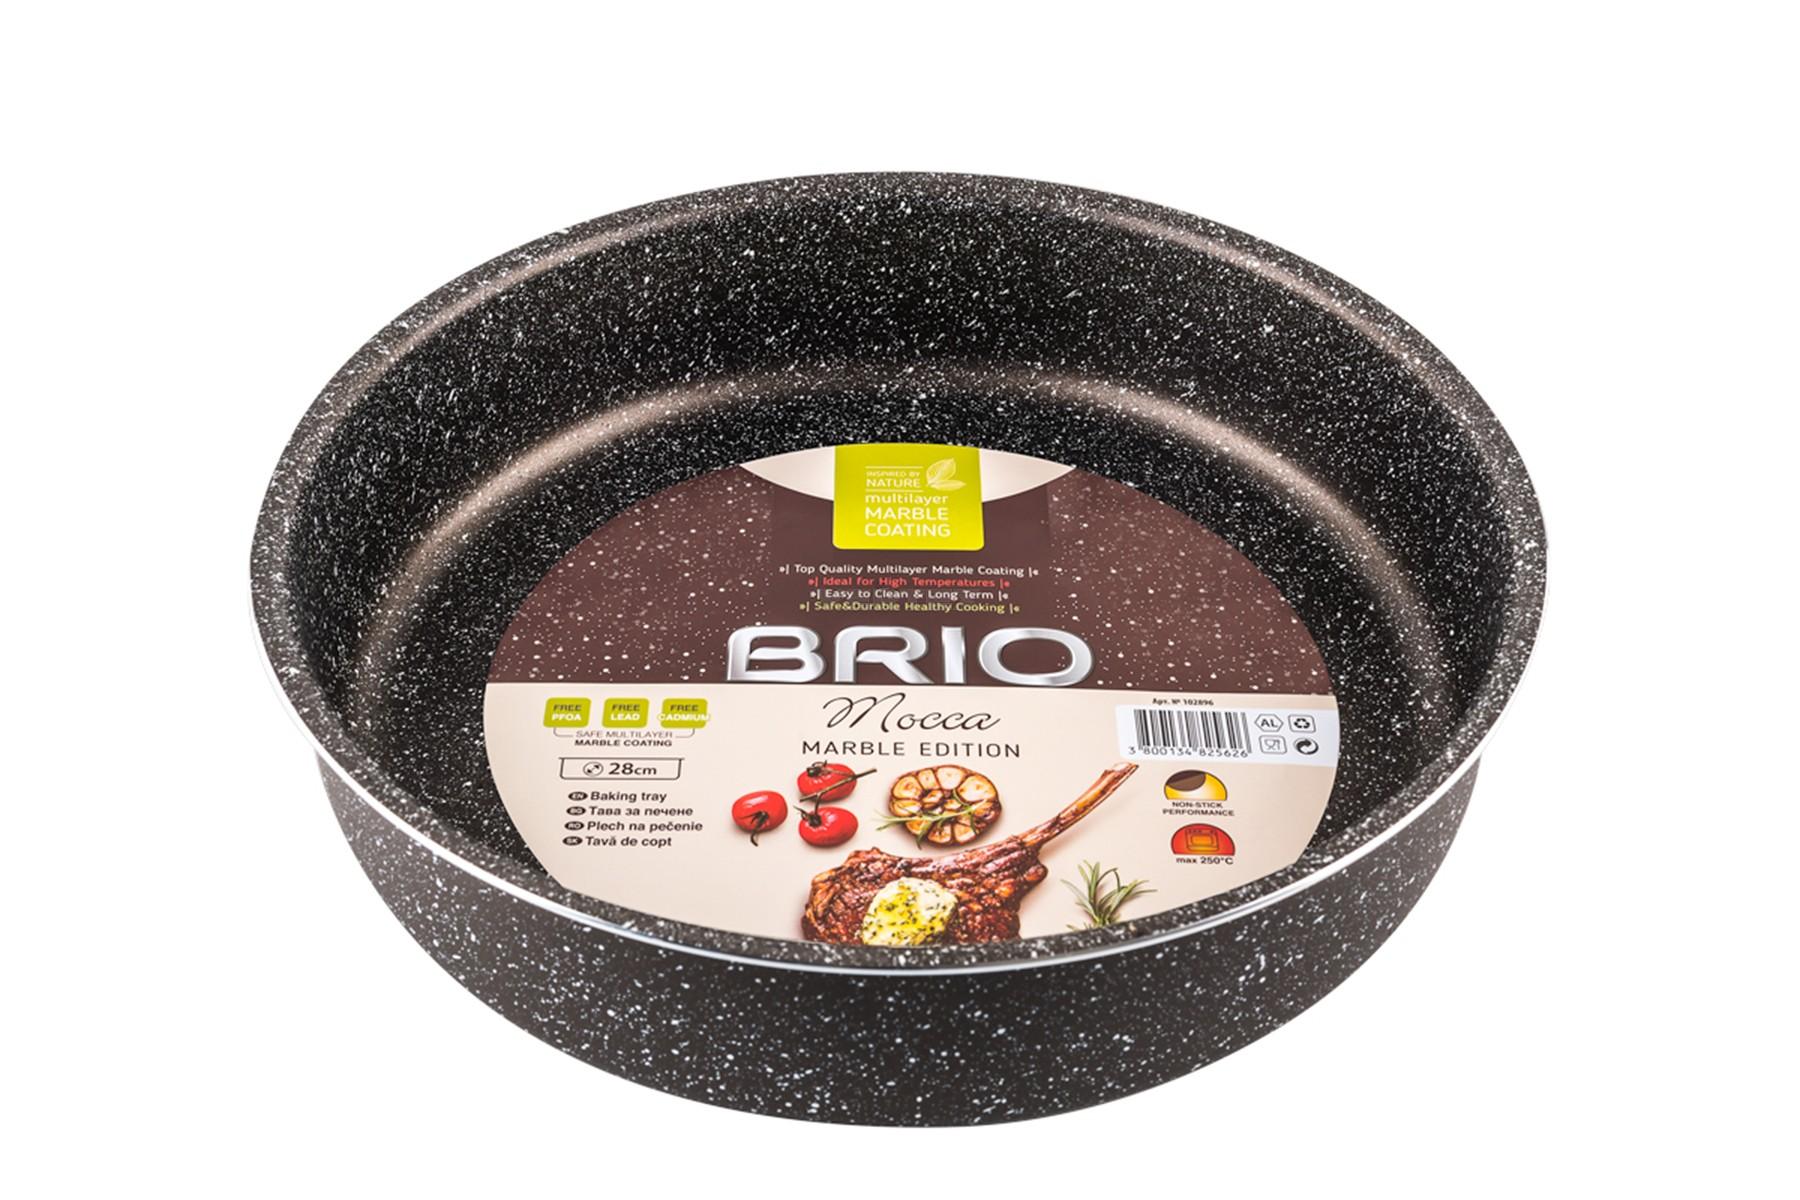 BRIO Mocca - Marble Edition (12)